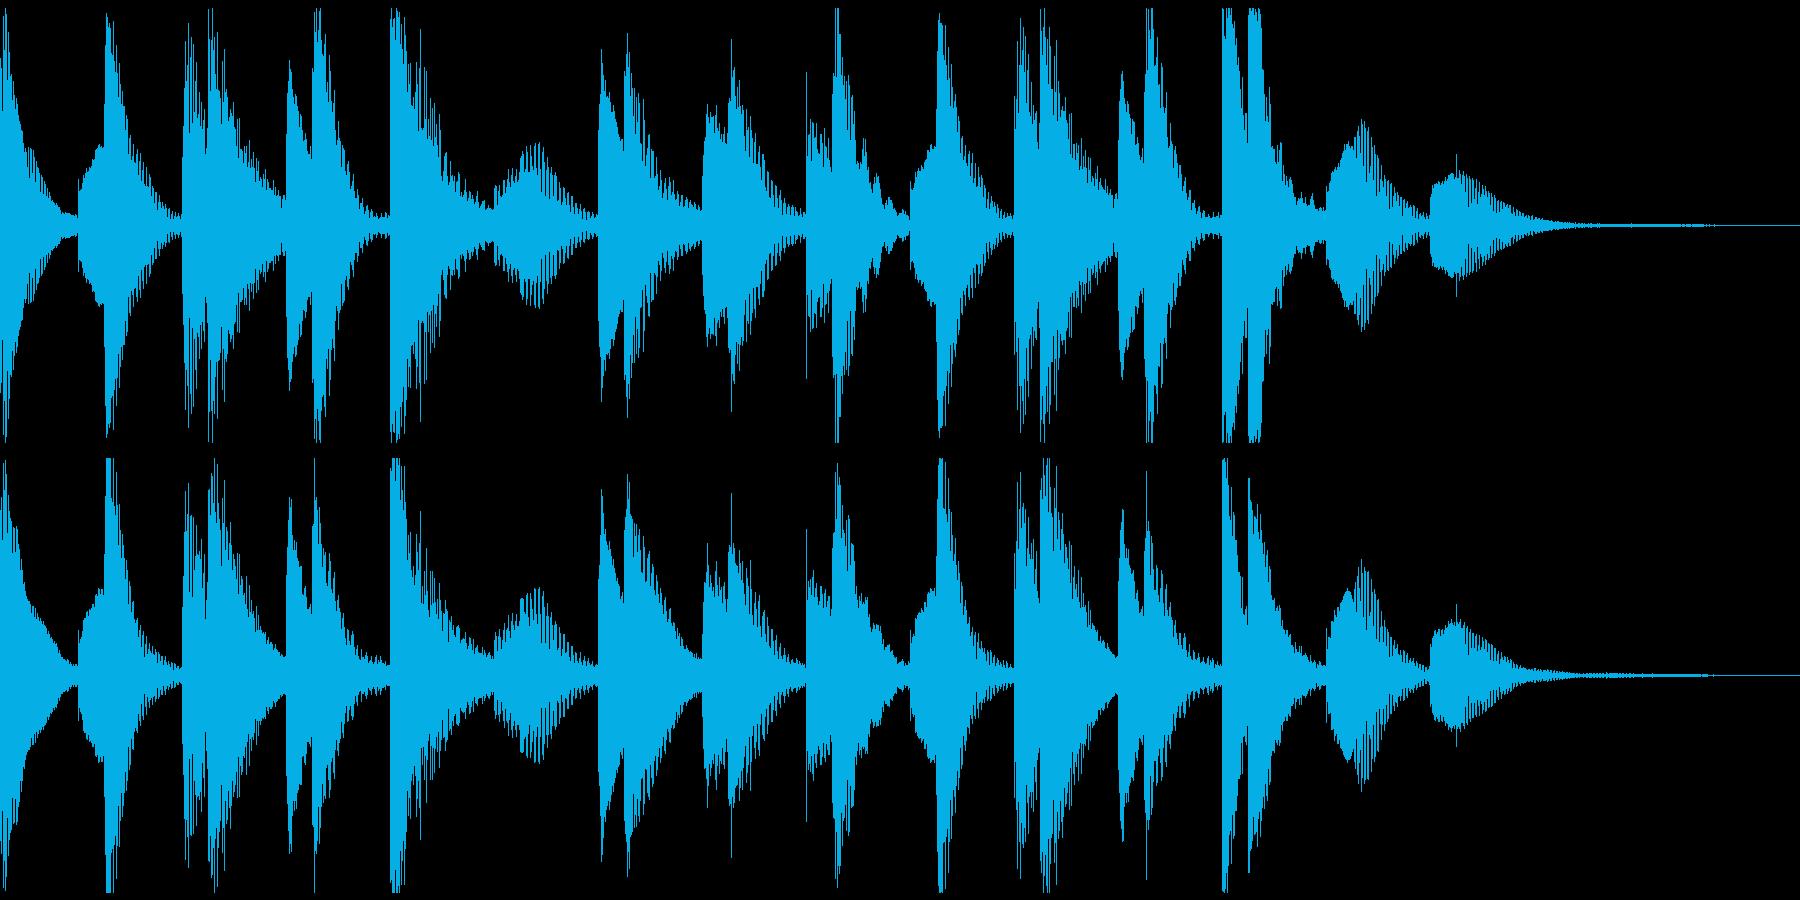 ほのぼの明るいマリンバ_ジングルCMの再生済みの波形